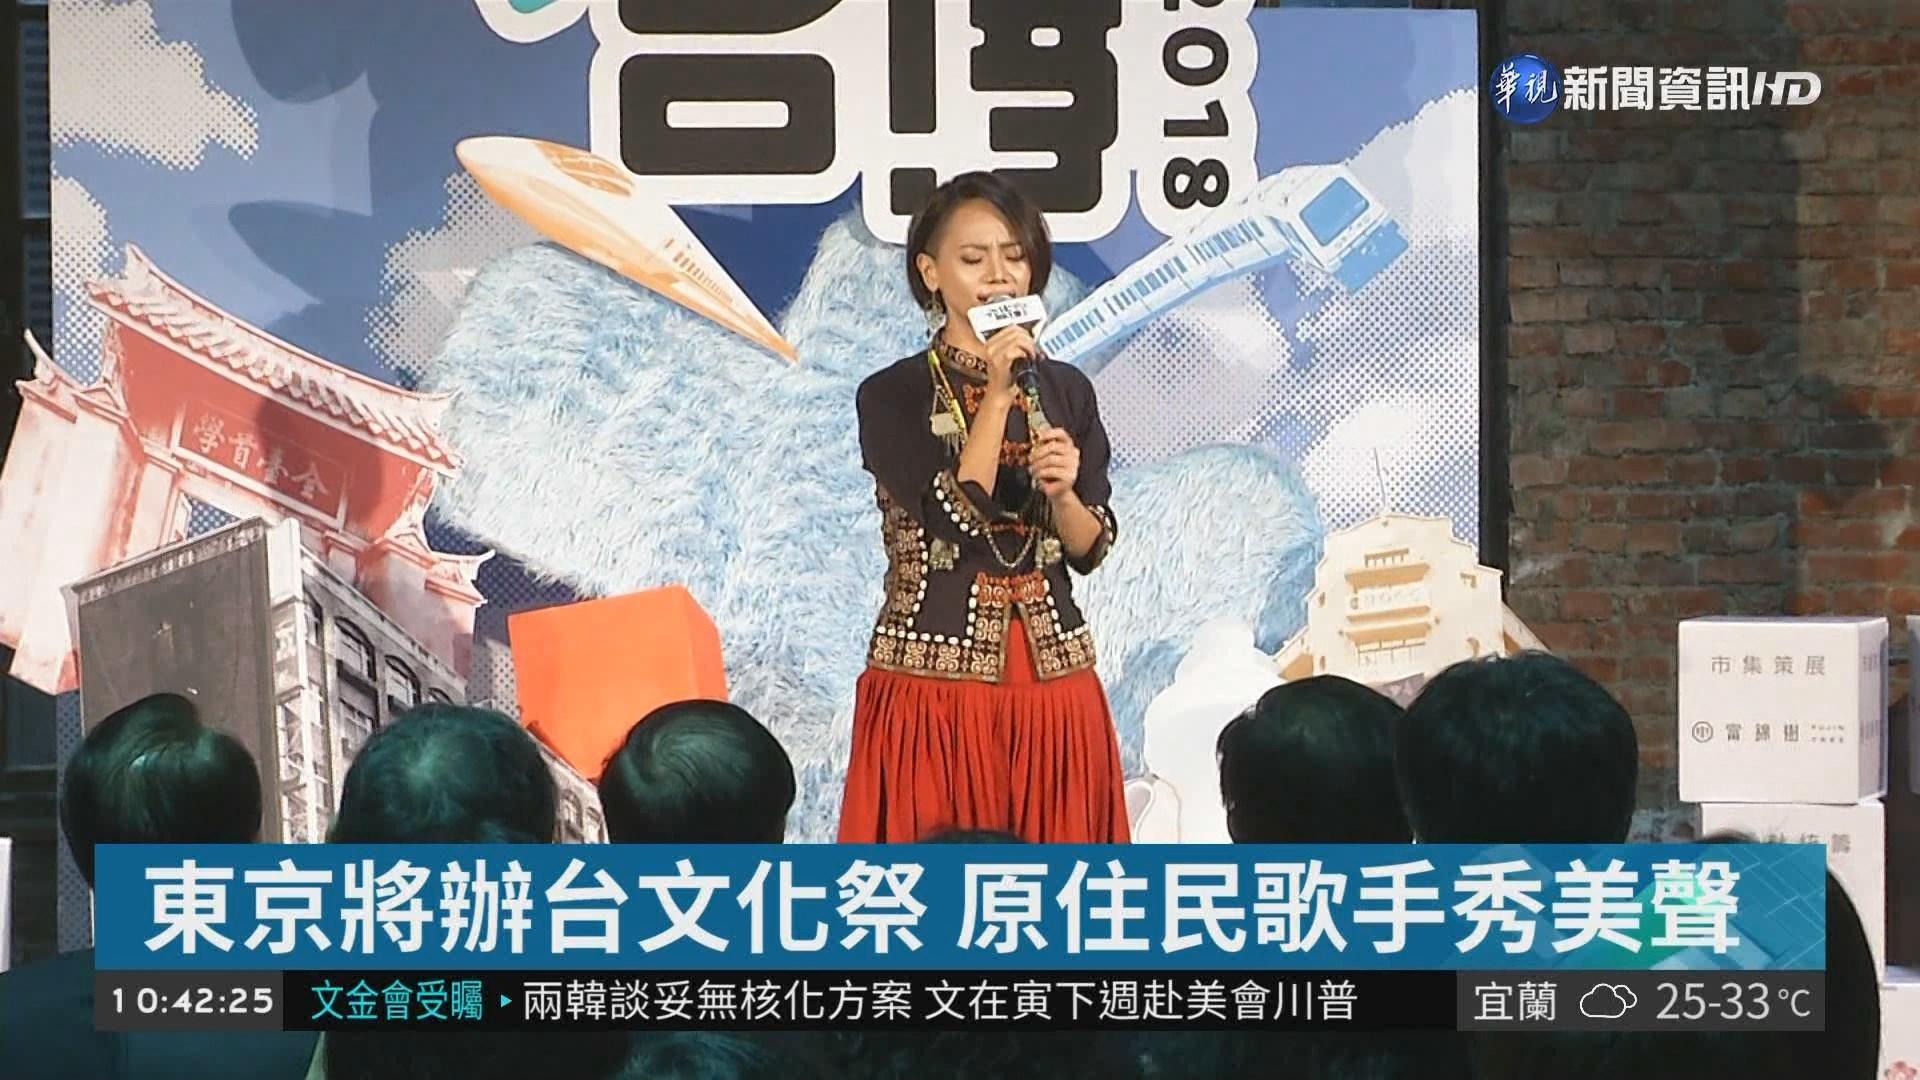 展現台灣軟實力 文化總會前進東京